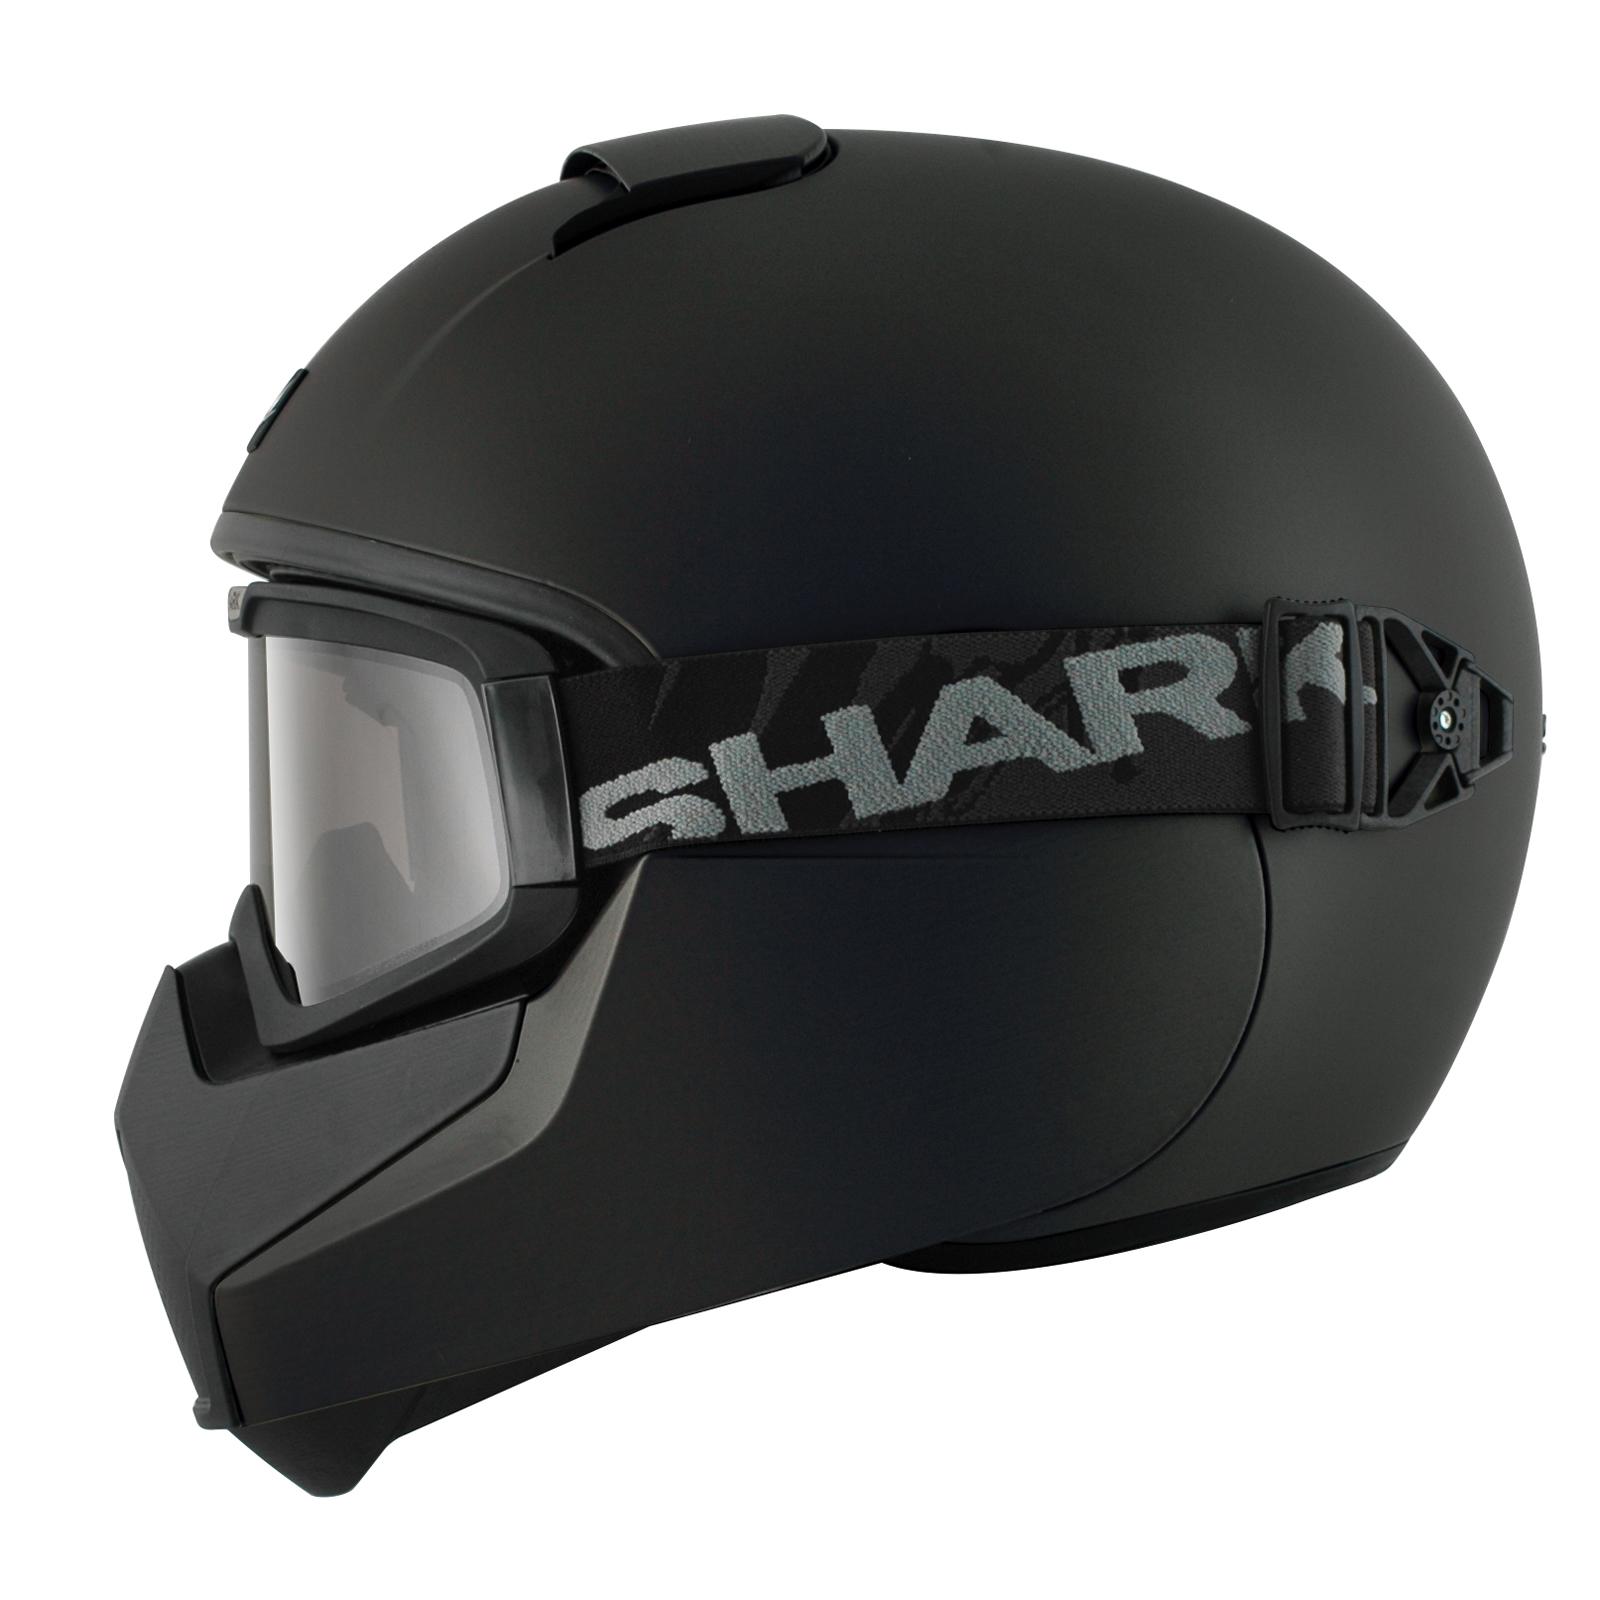 Motorcycle Helmets Ebay Uk